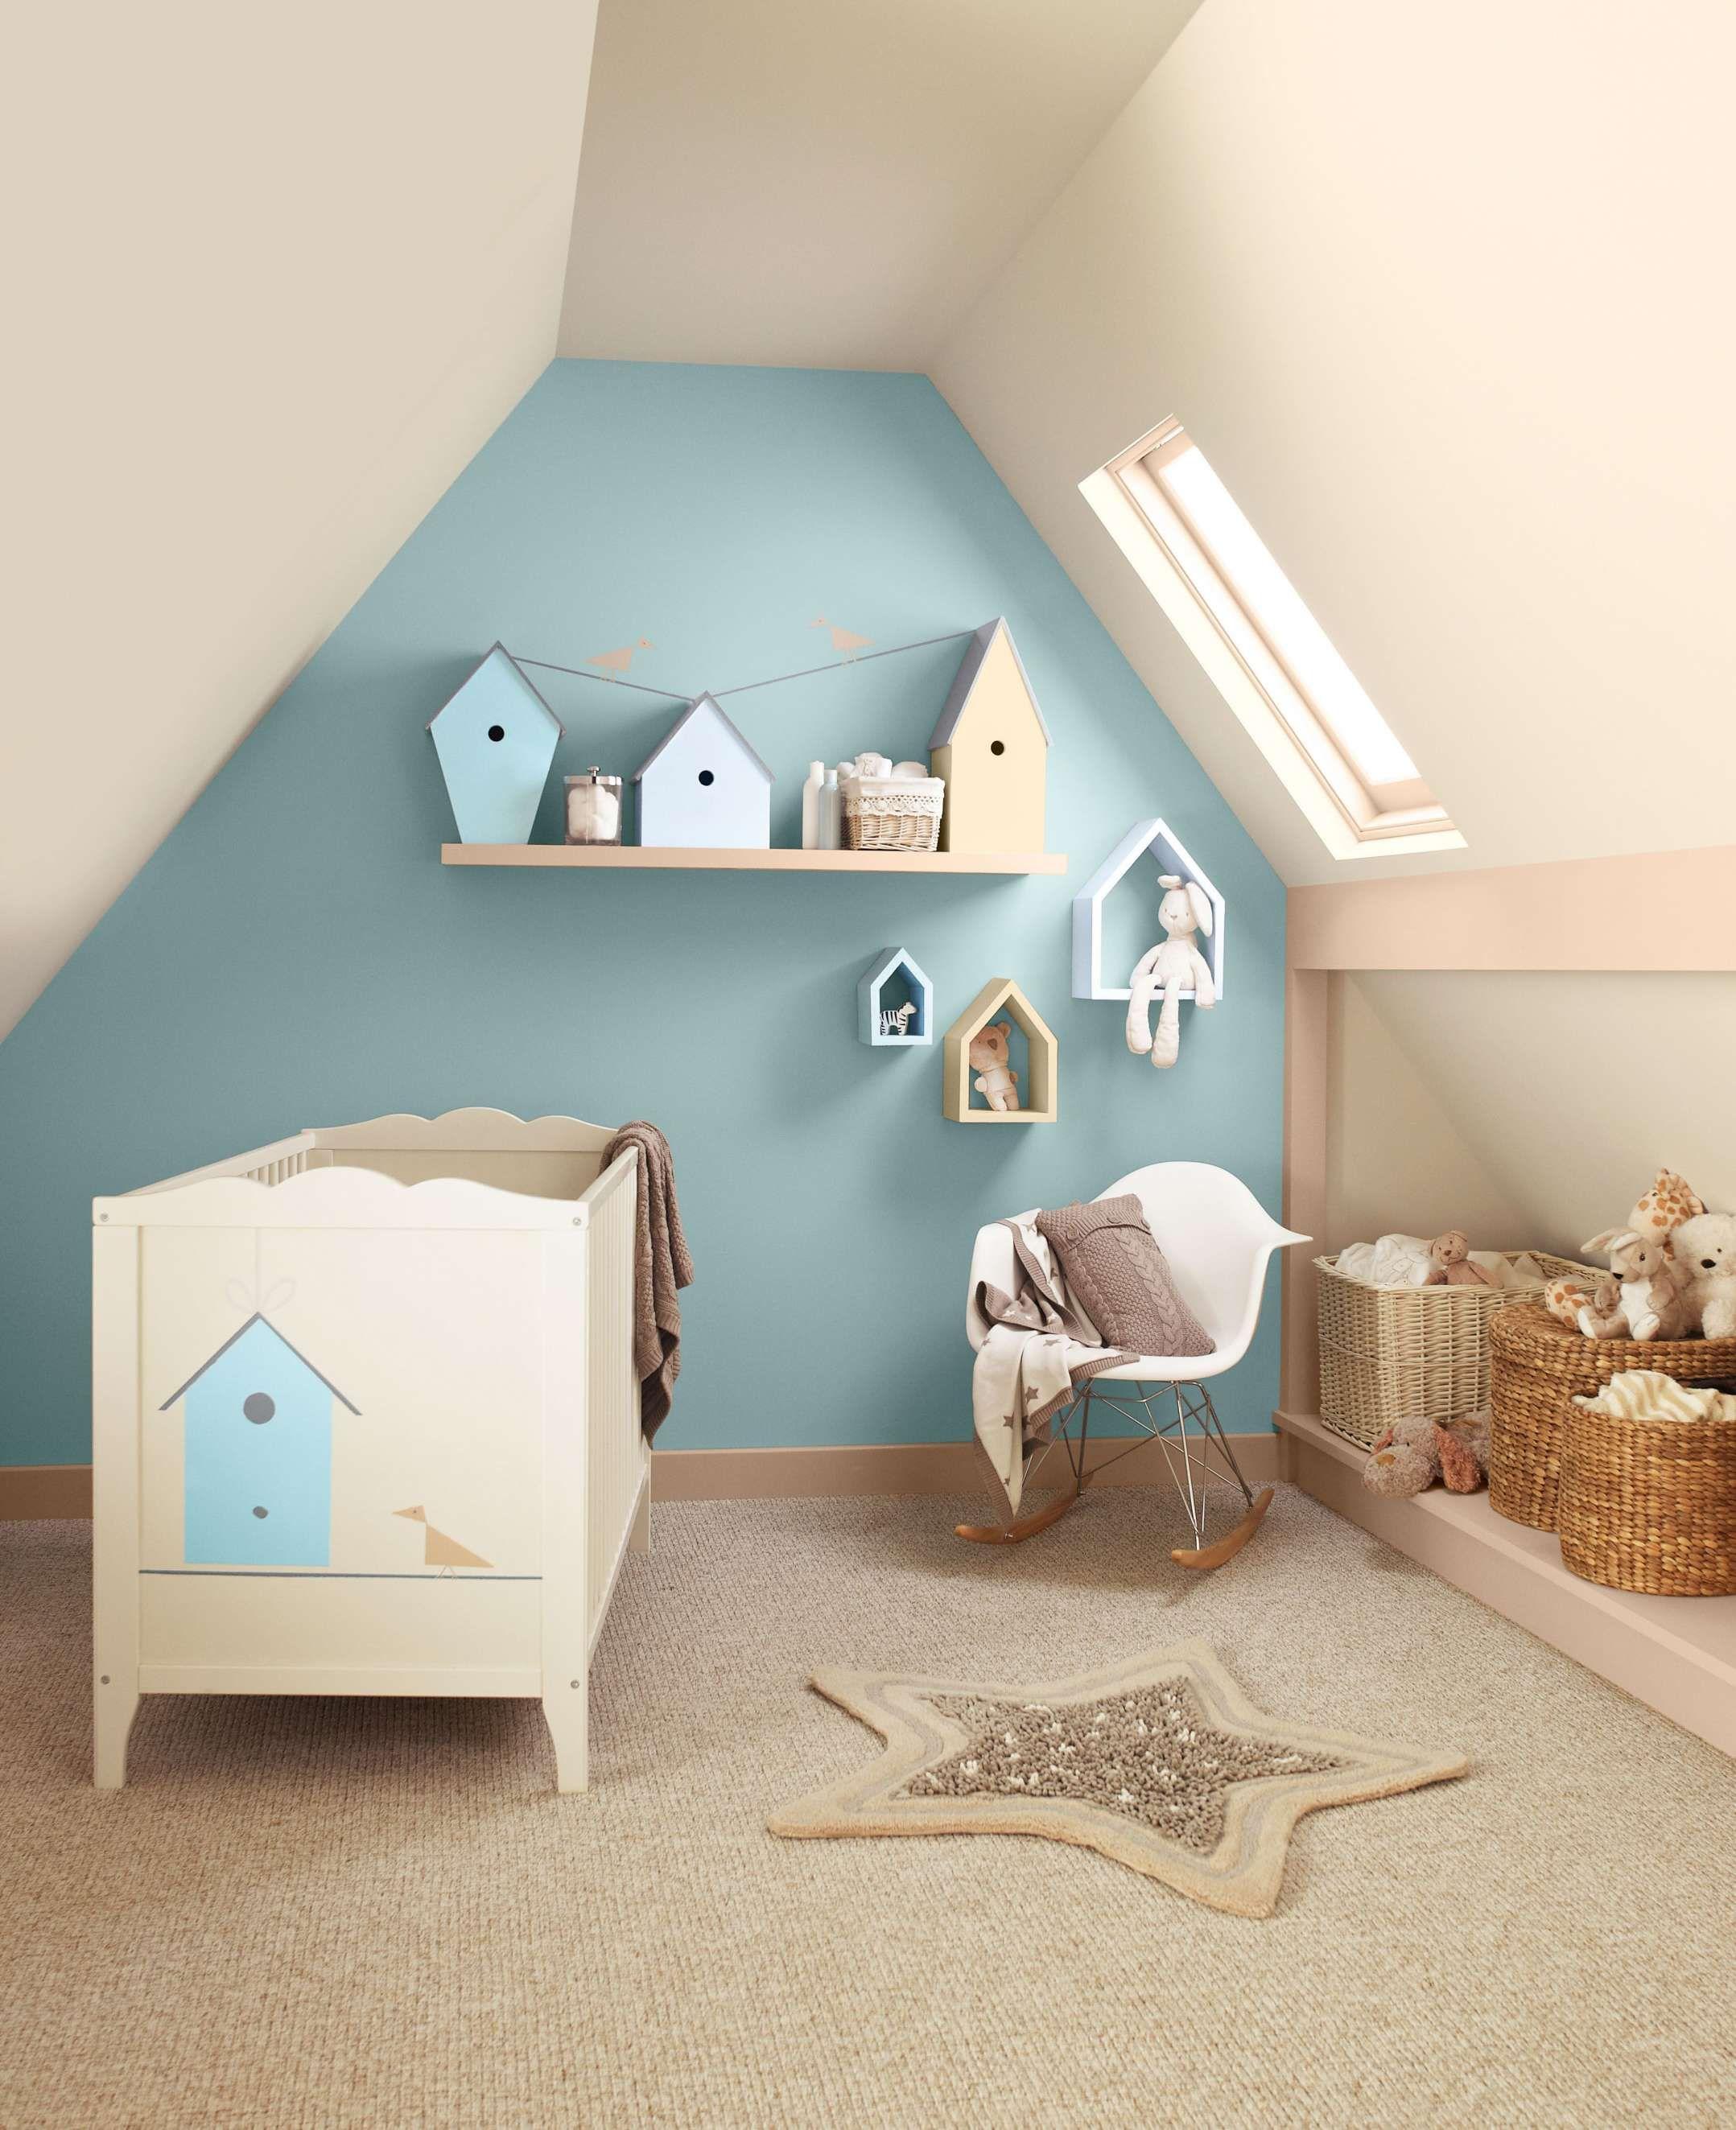 49+ Peinture chambre garcon bleu ideas in 2021